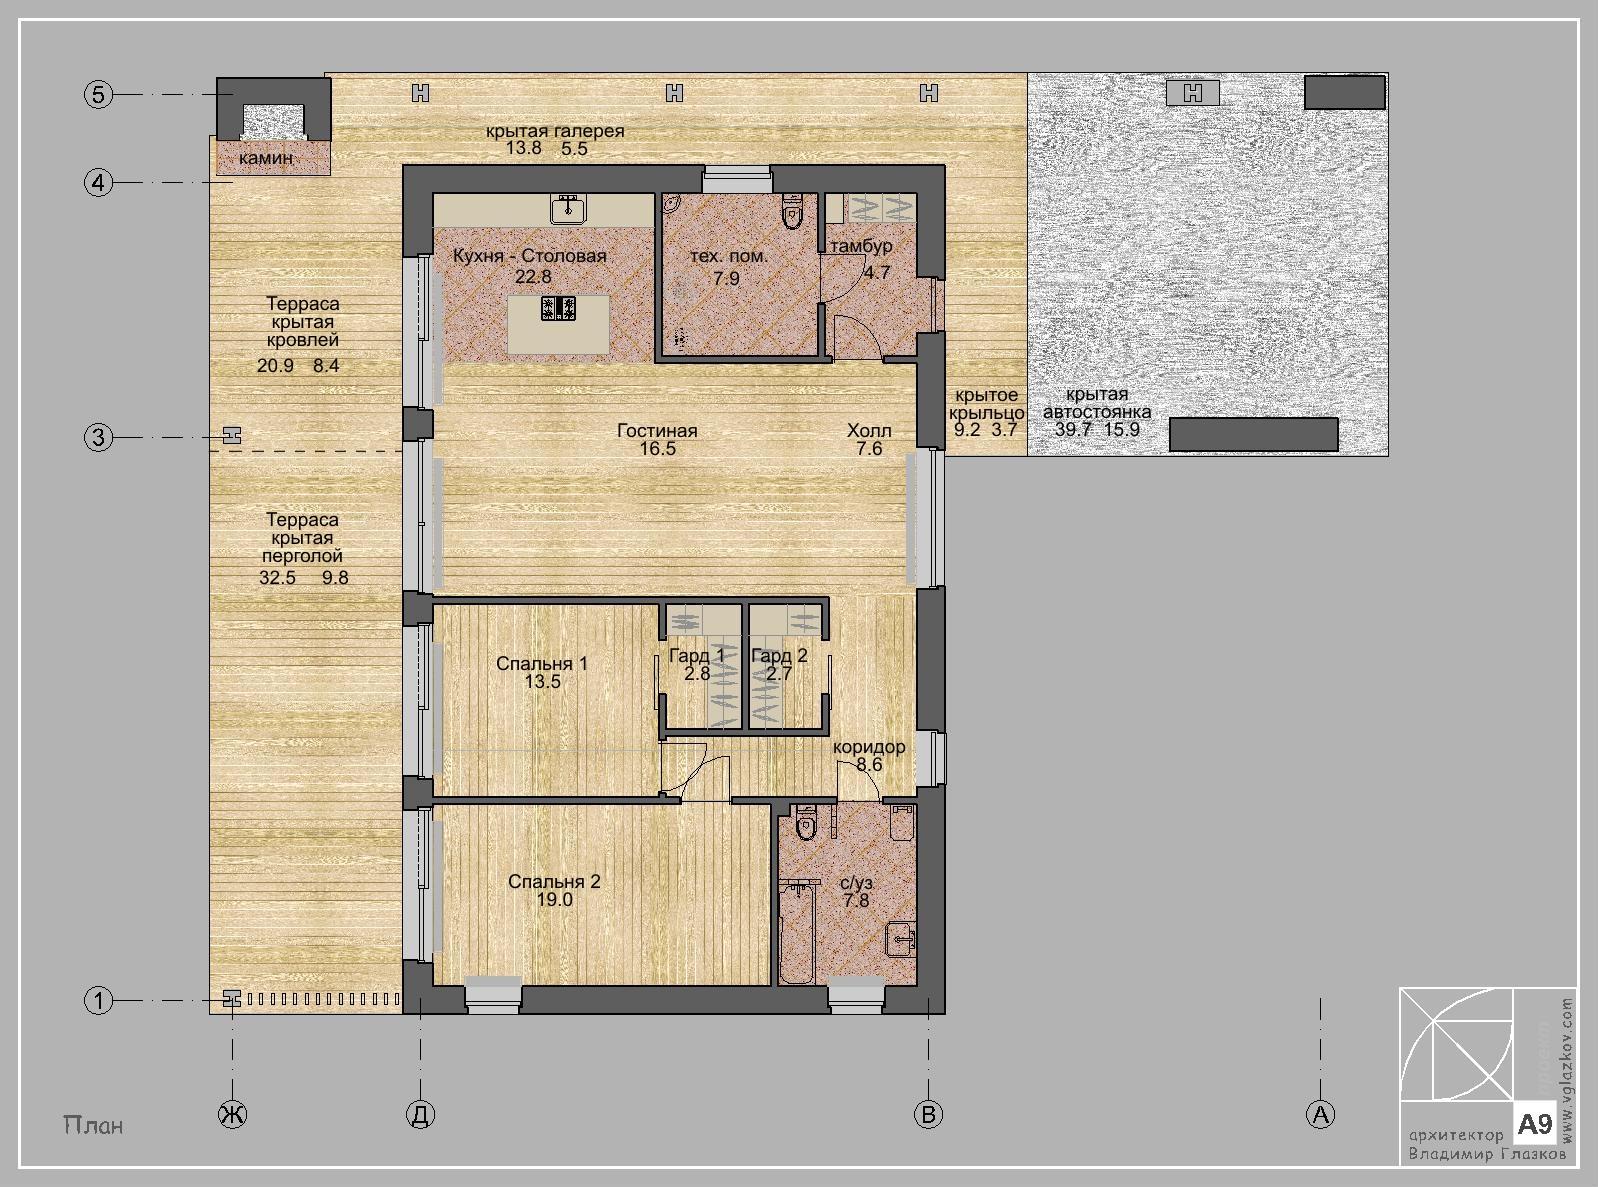 А9 - Проект одноэтажного современного дома с плоской кровлей, панорамными окнами, навесом и террасой - план